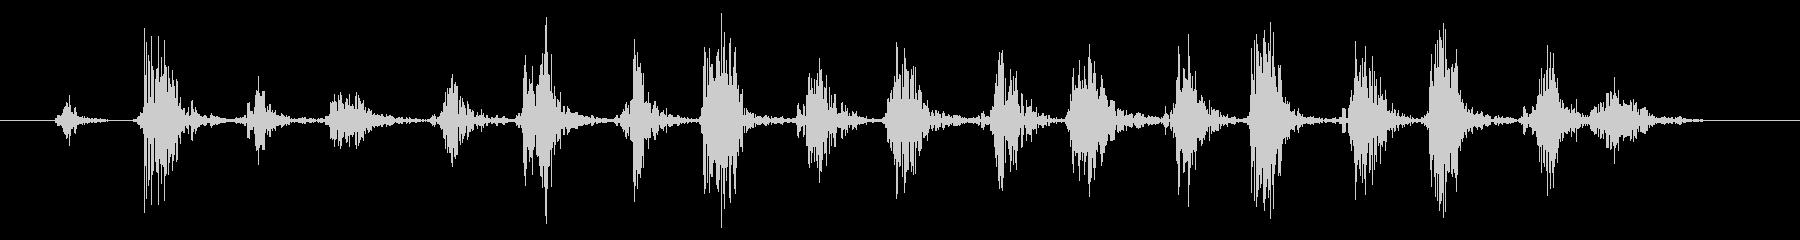 下敷き01-2の未再生の波形